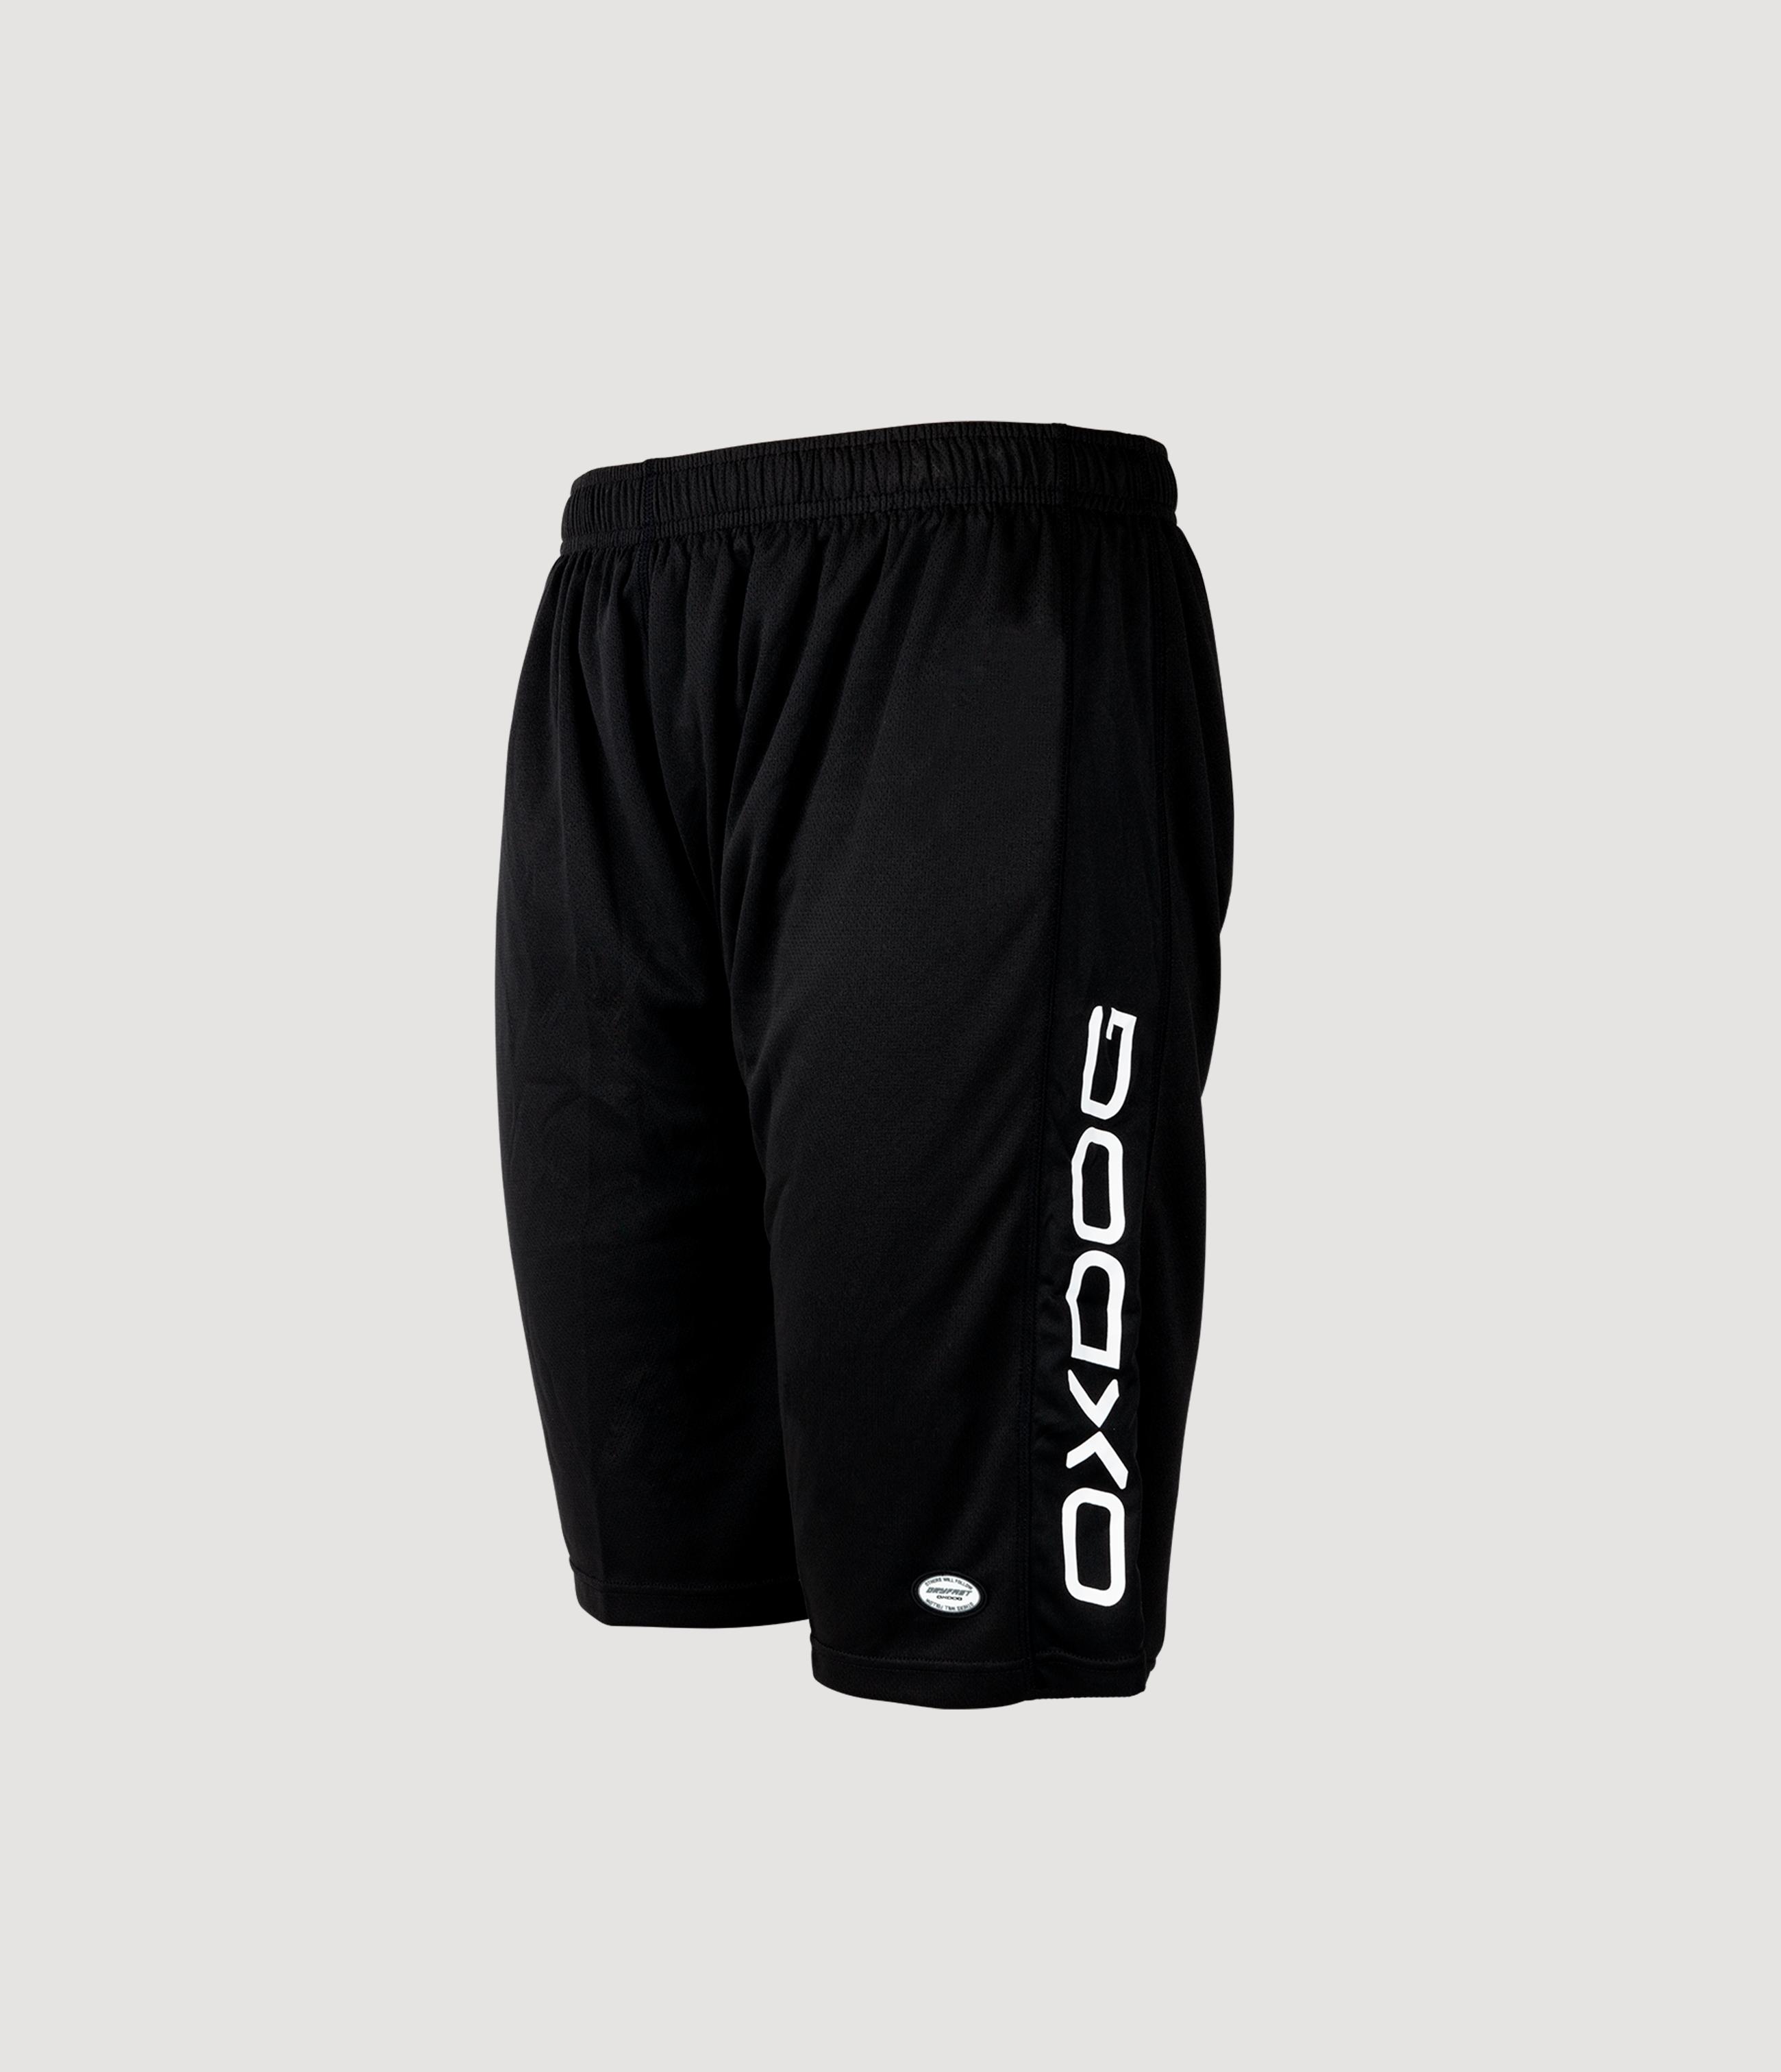 Avalon Shorts Black